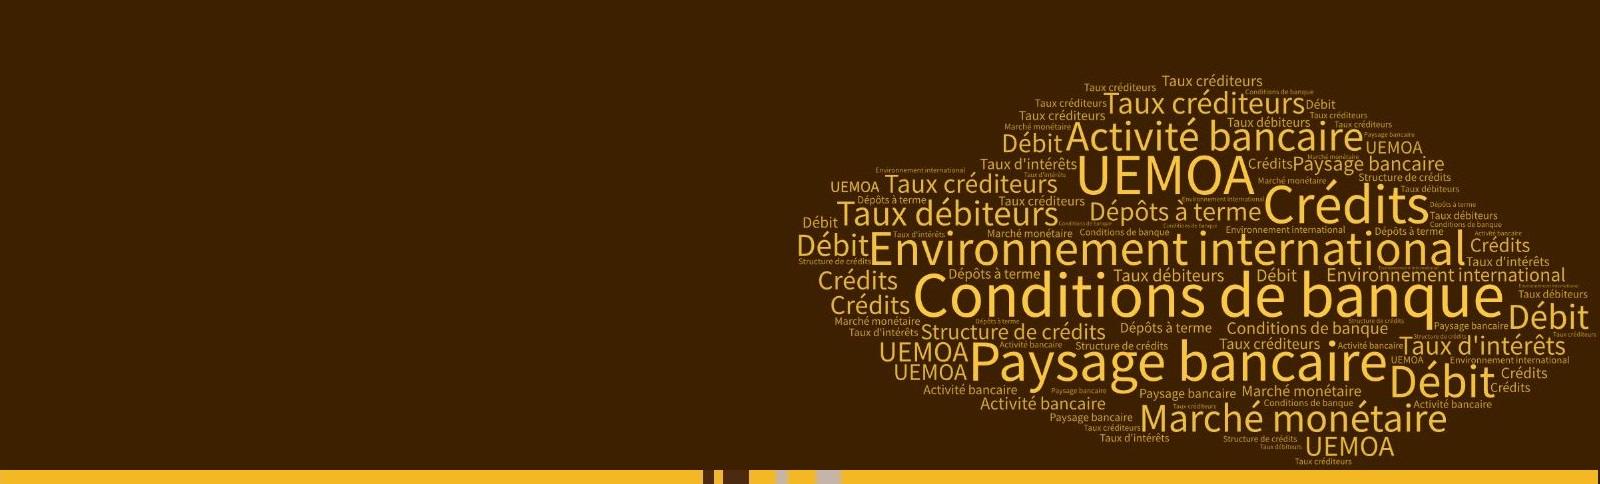 BCEAO | Banque Centrale des Etats de l'Afrique de l'Ouest